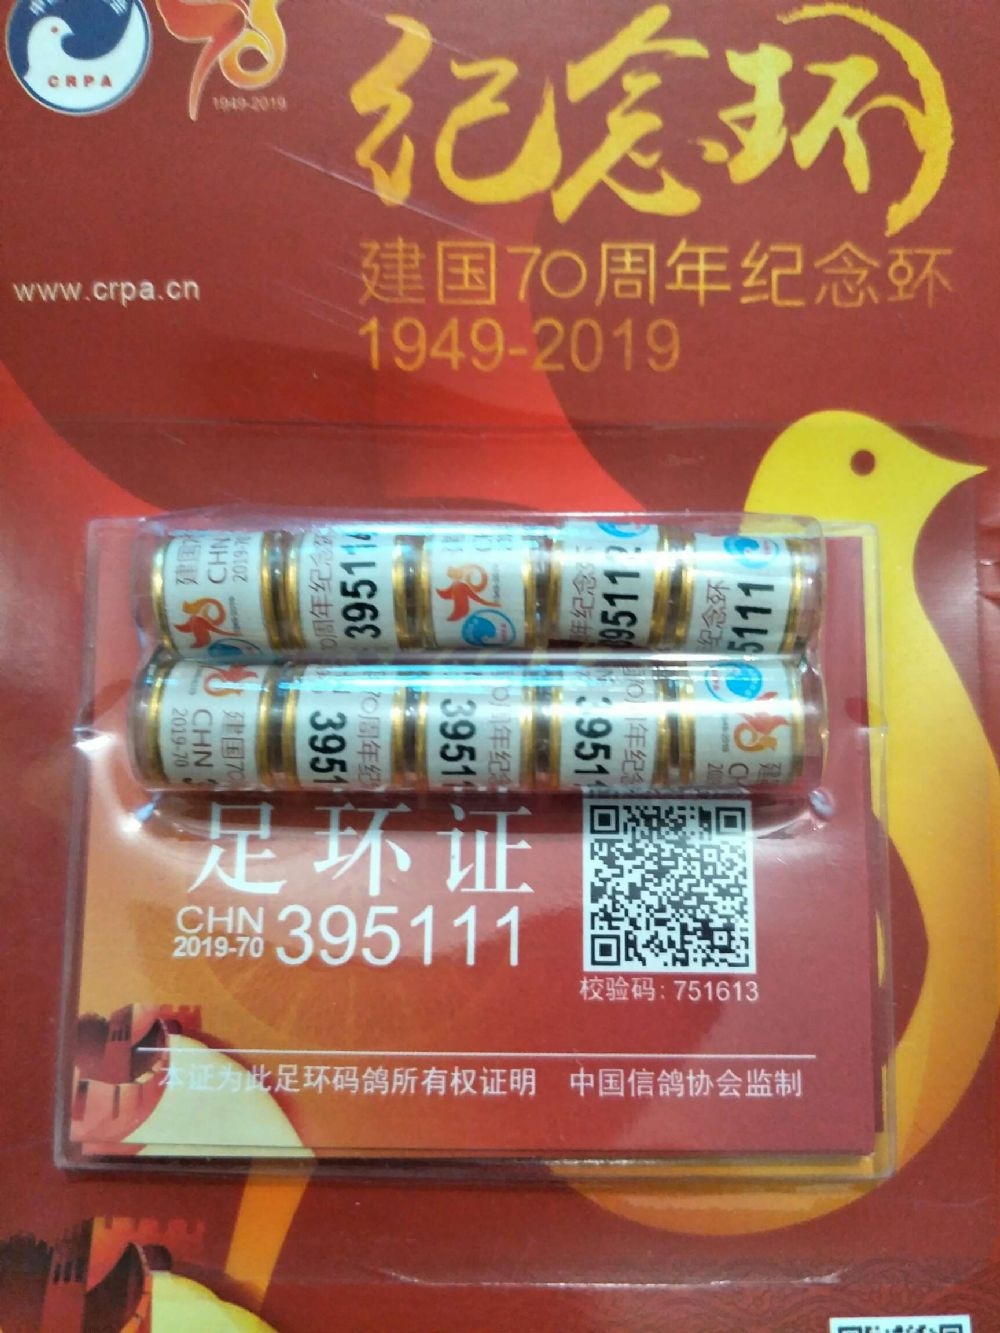 国庆节70周年纪念环。2019-70